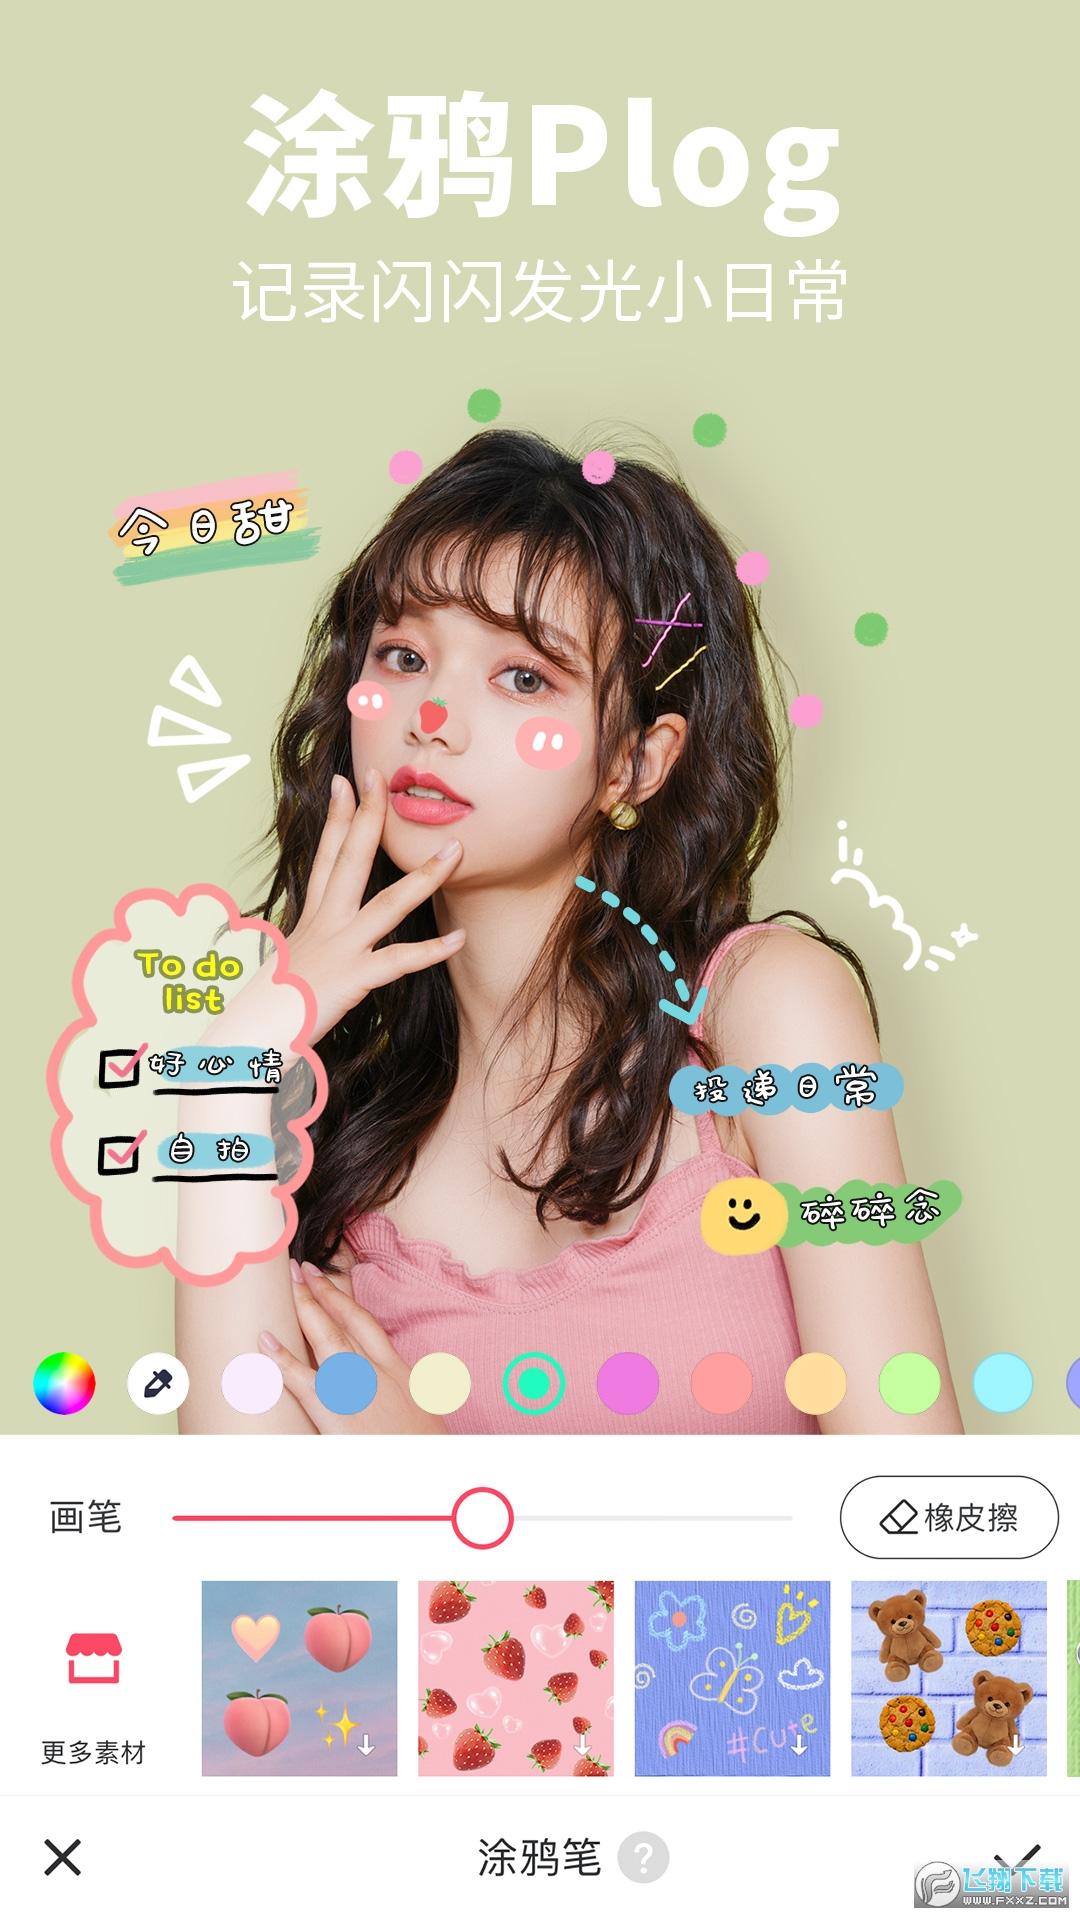 美图秀秀CG脸版9.0.2.0更新版截图0